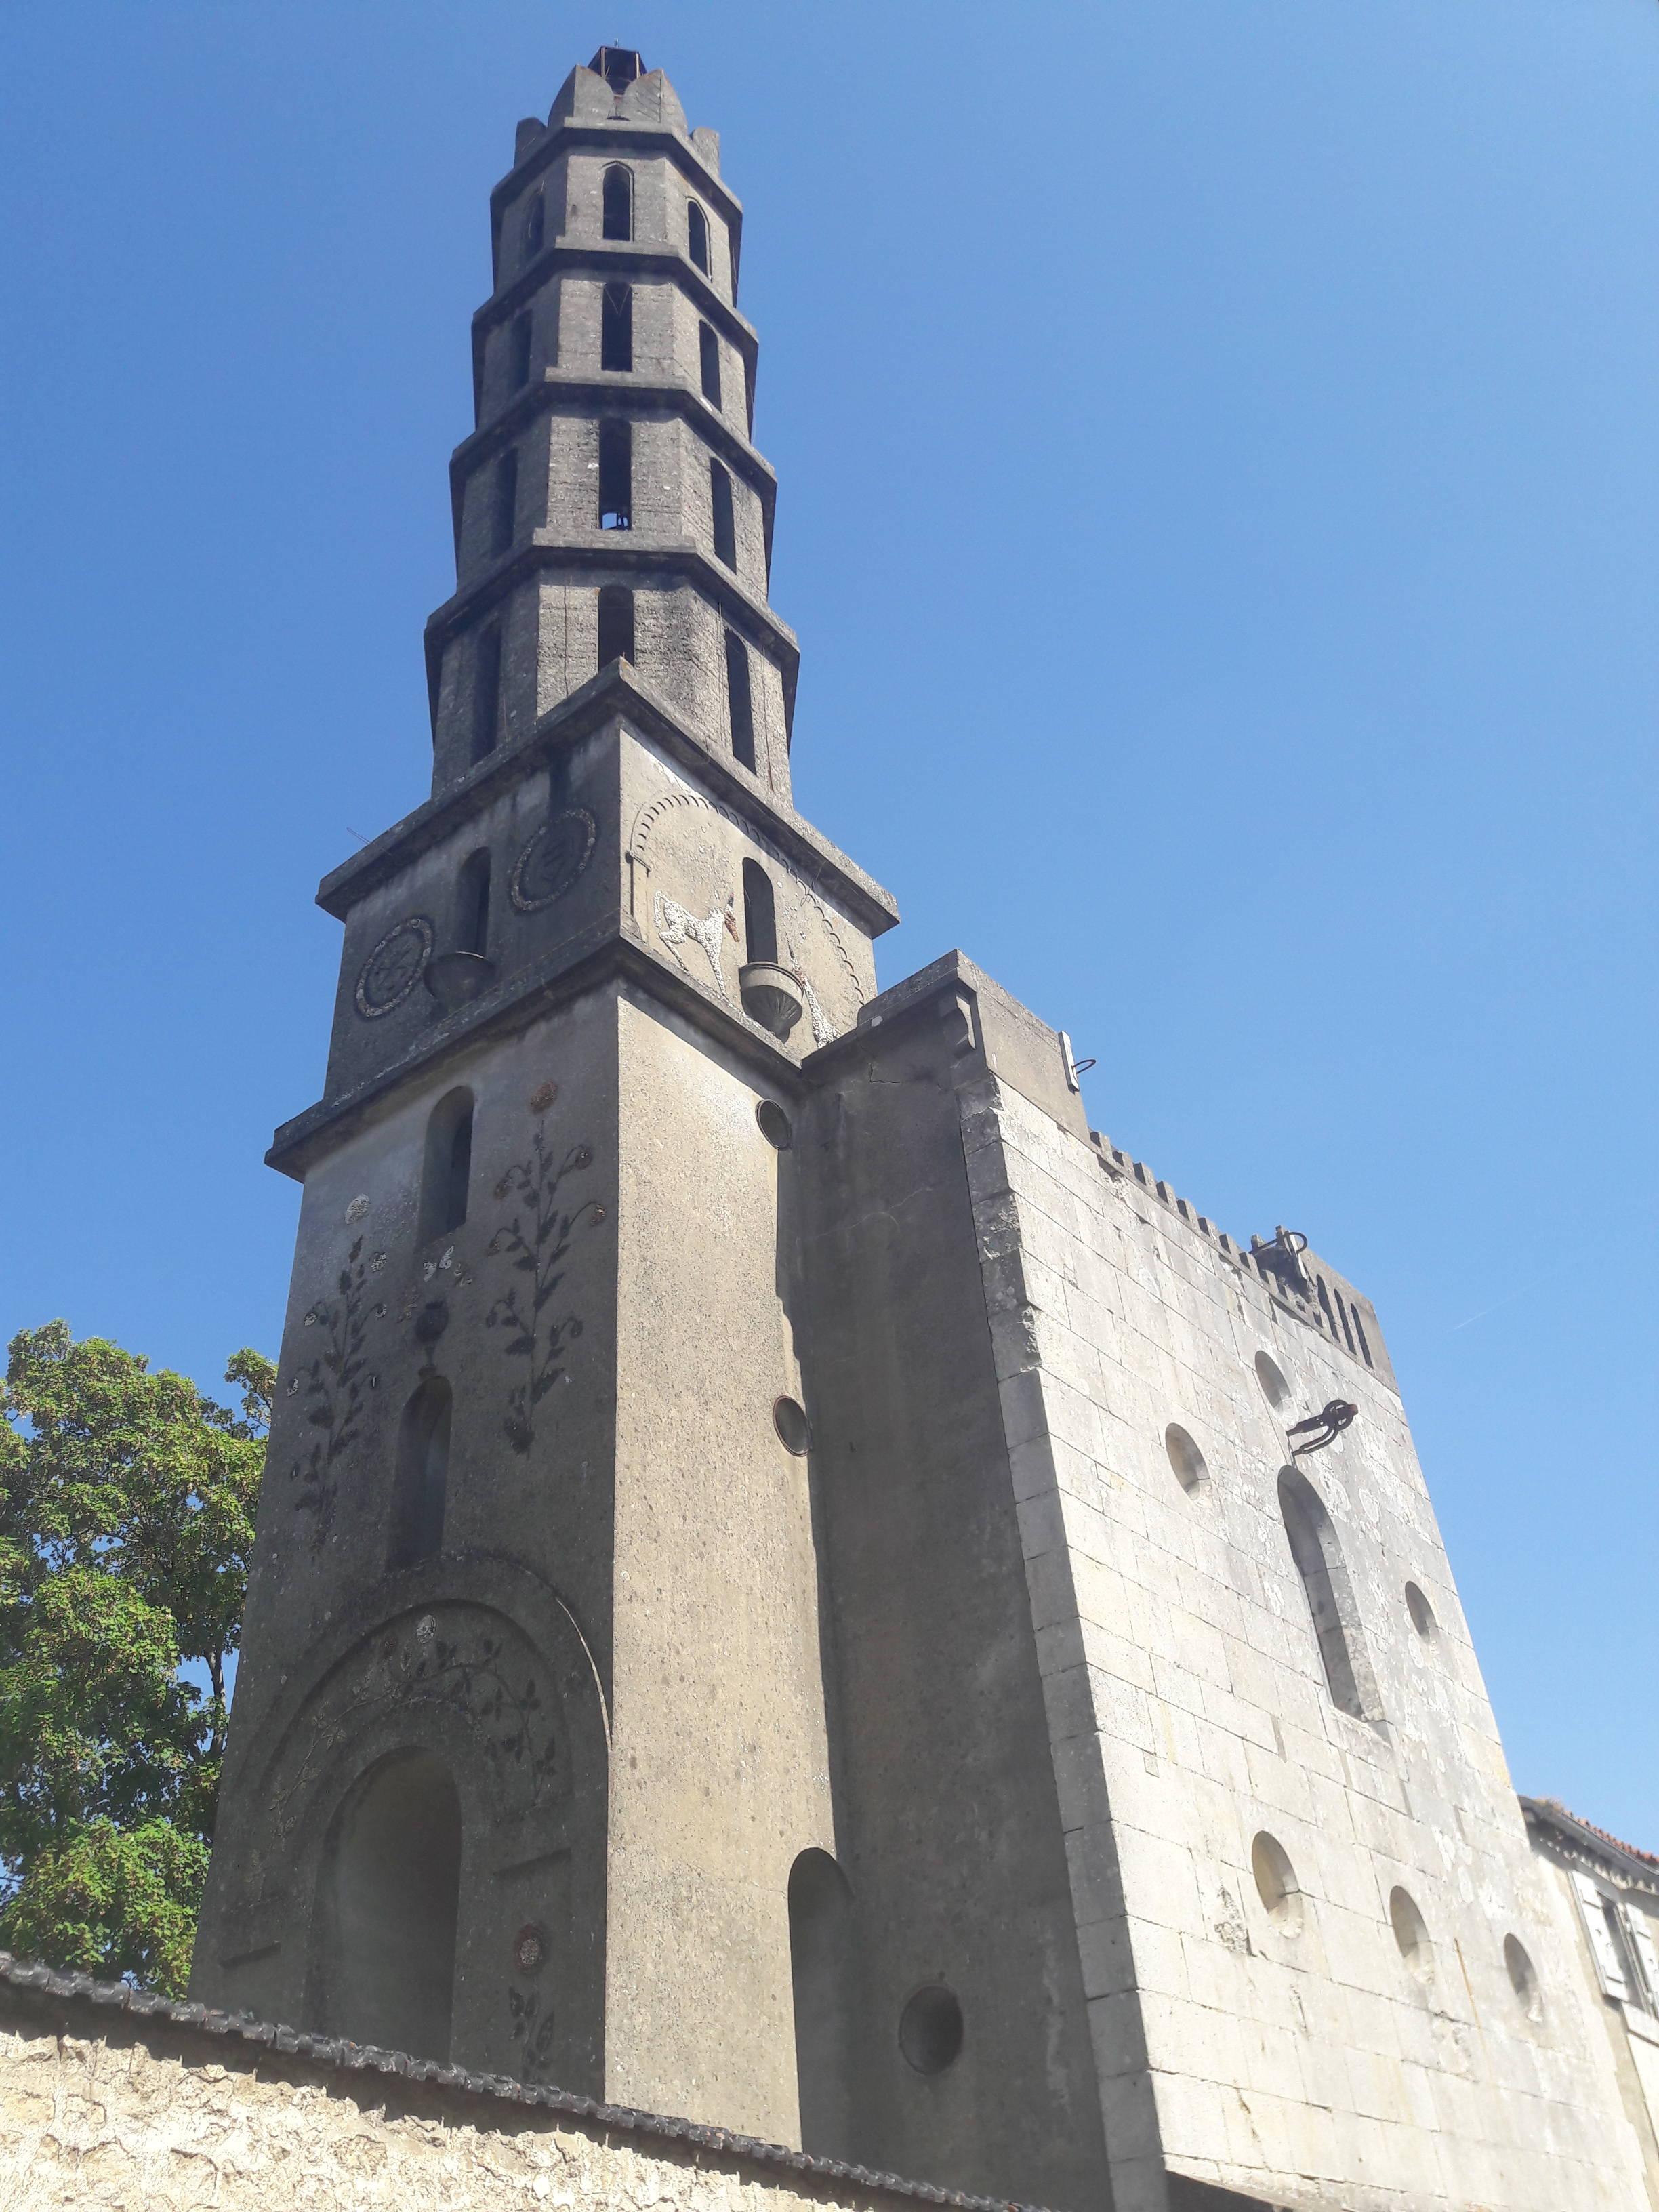 La tour Rivalland à Fontenay le Comte, ville du Parc naturel régional du Marais poitevin